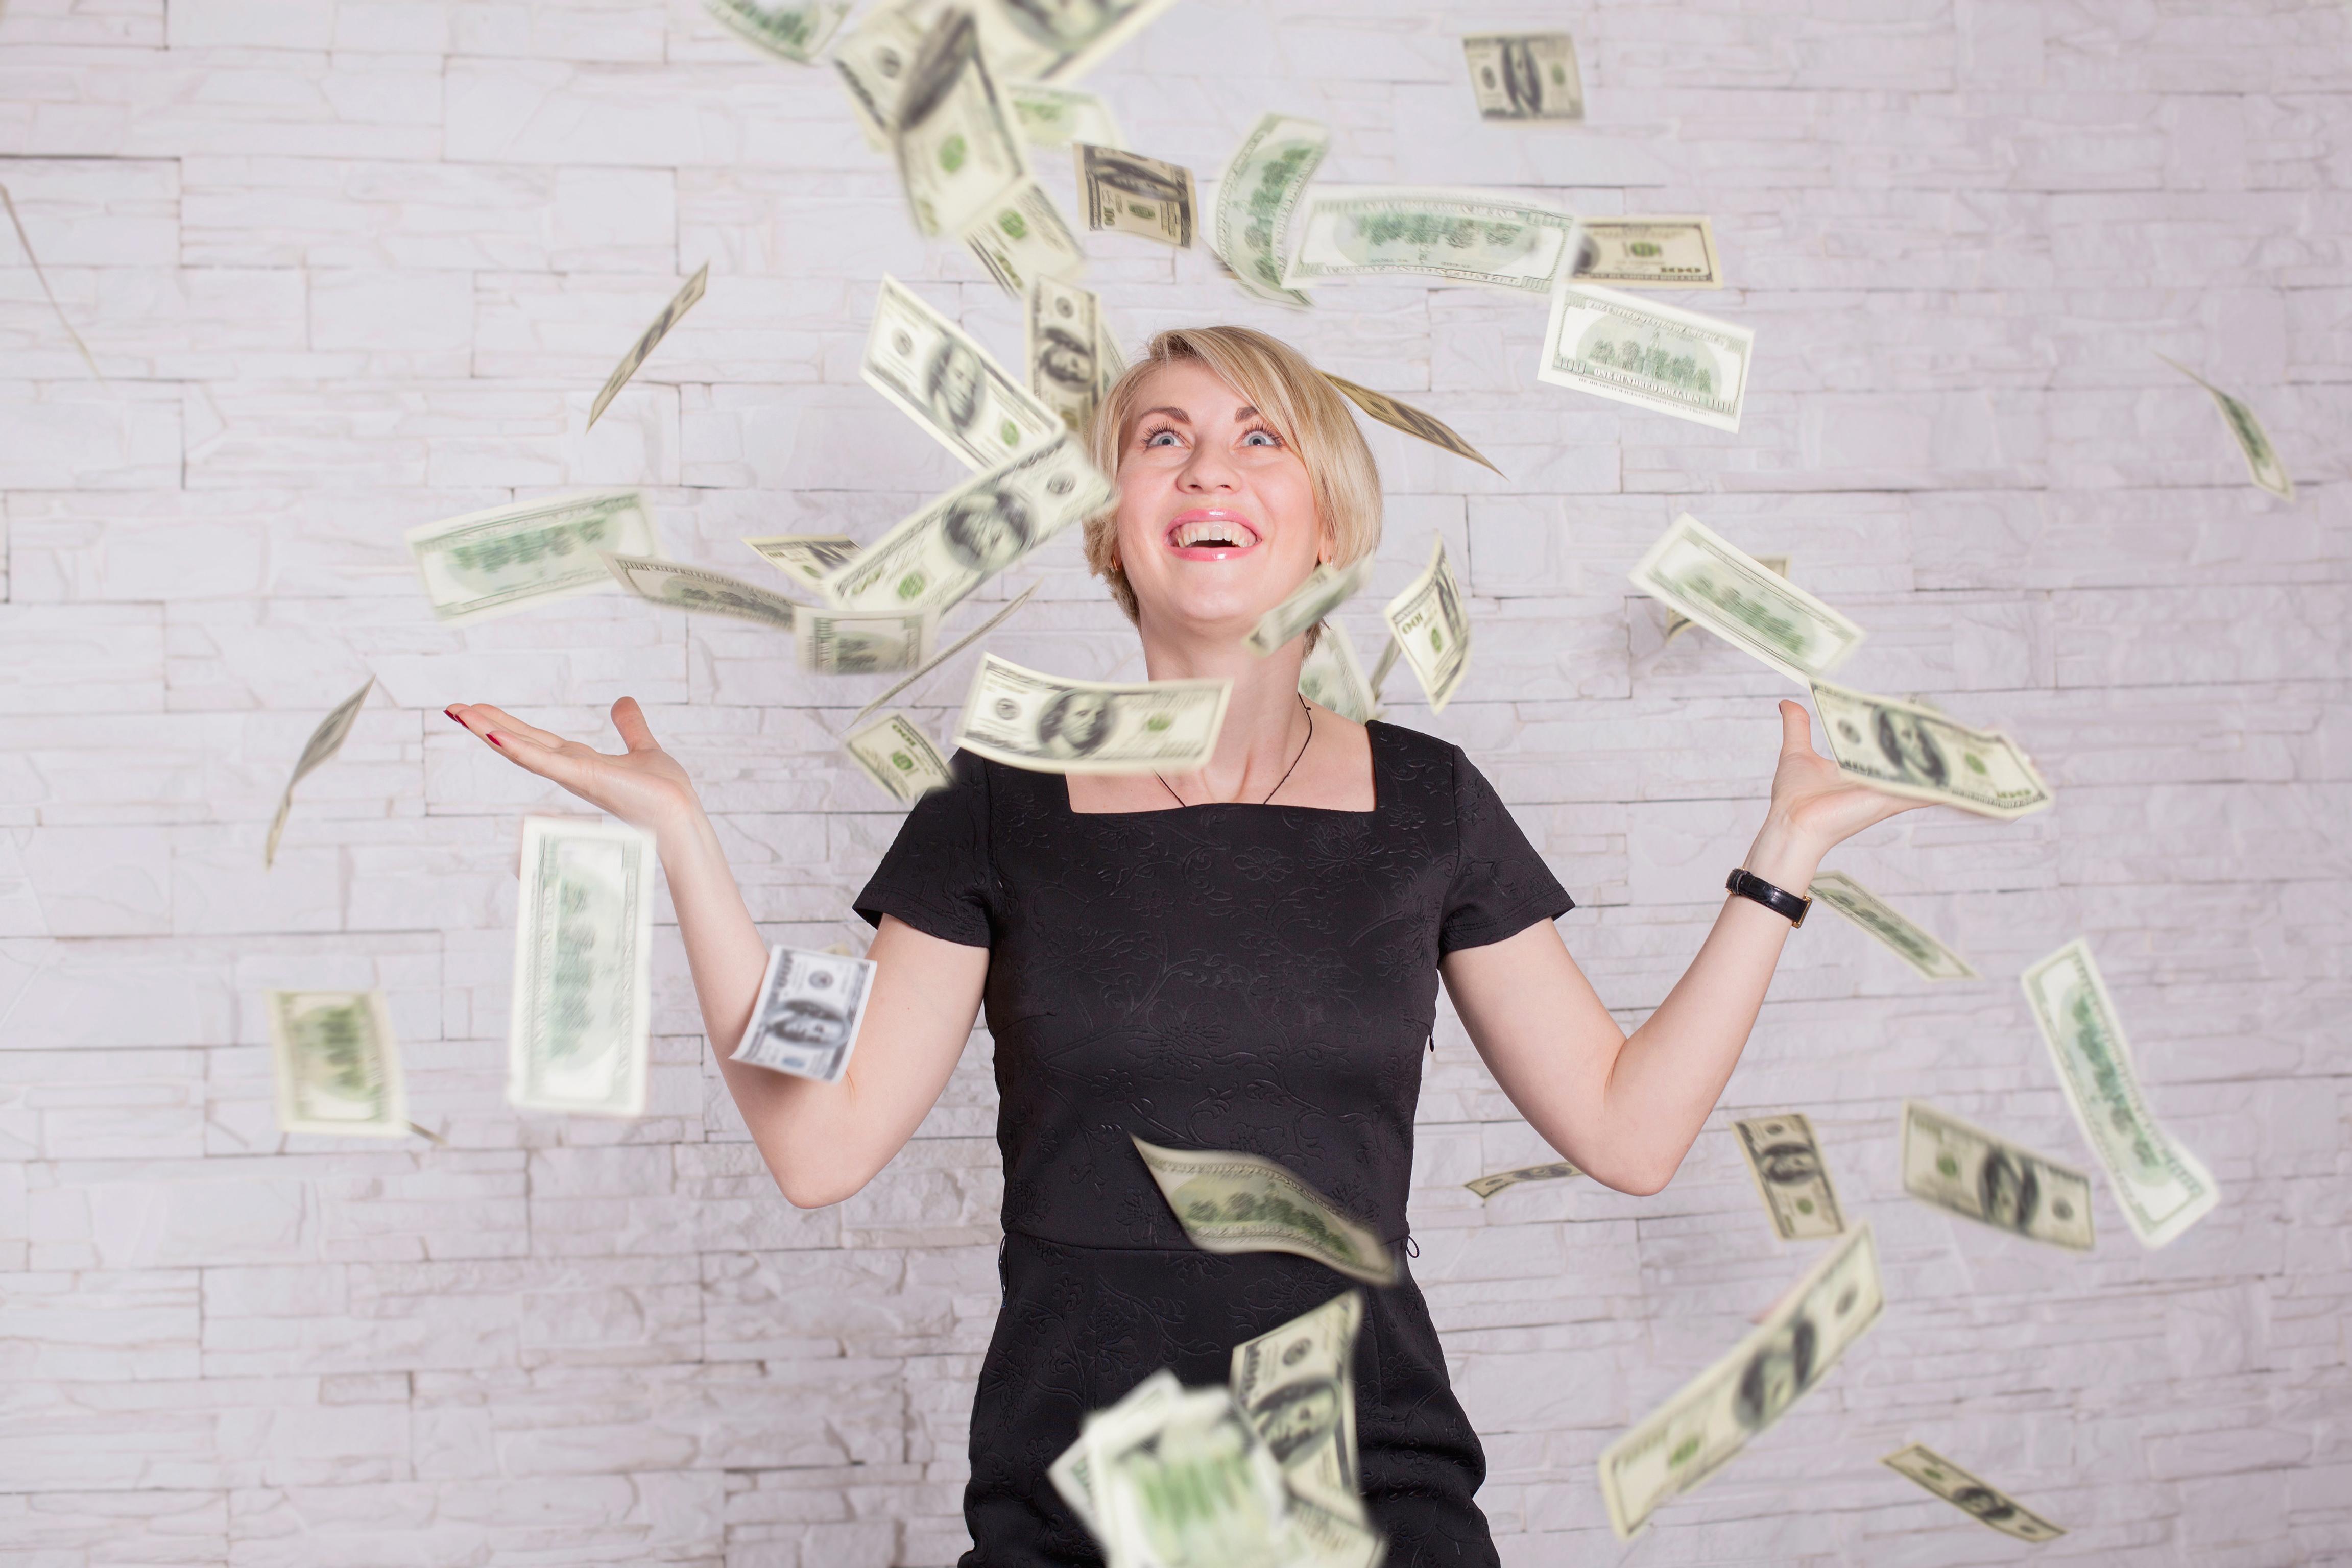 Что такое «повезло»: американка дважды за неделю выиграла крупные суммы в лотерею